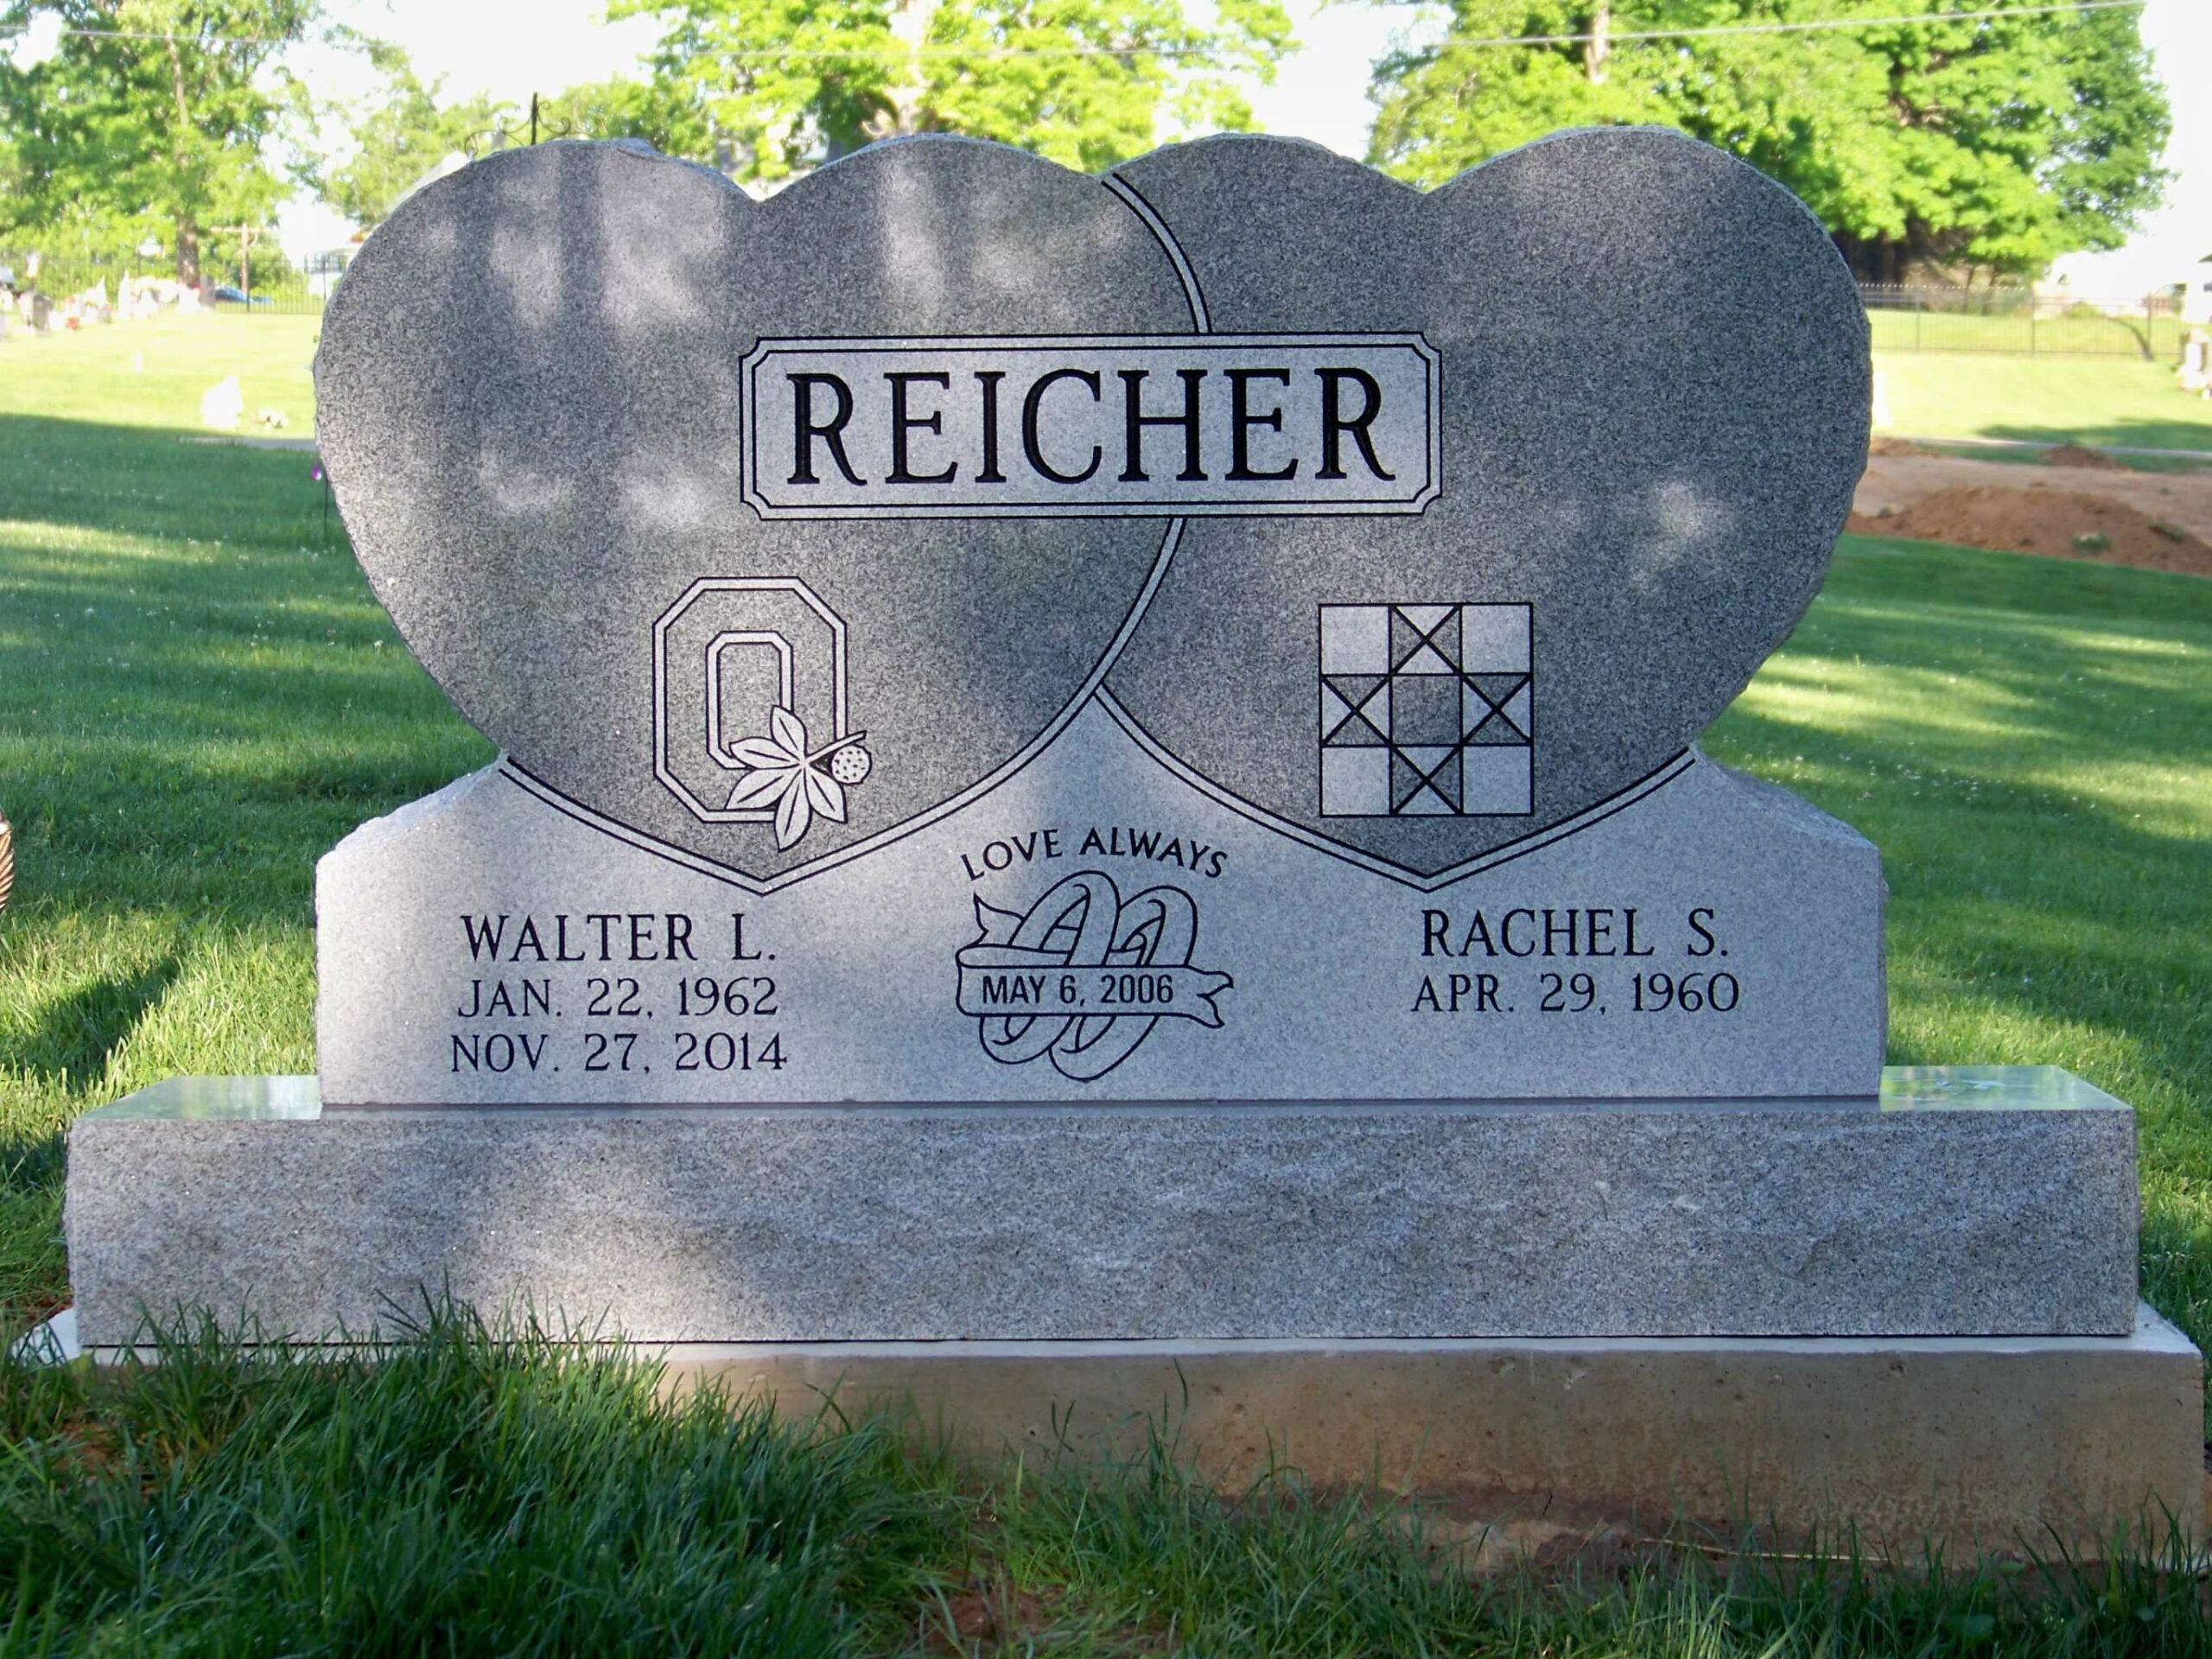 Reicher, Walter L